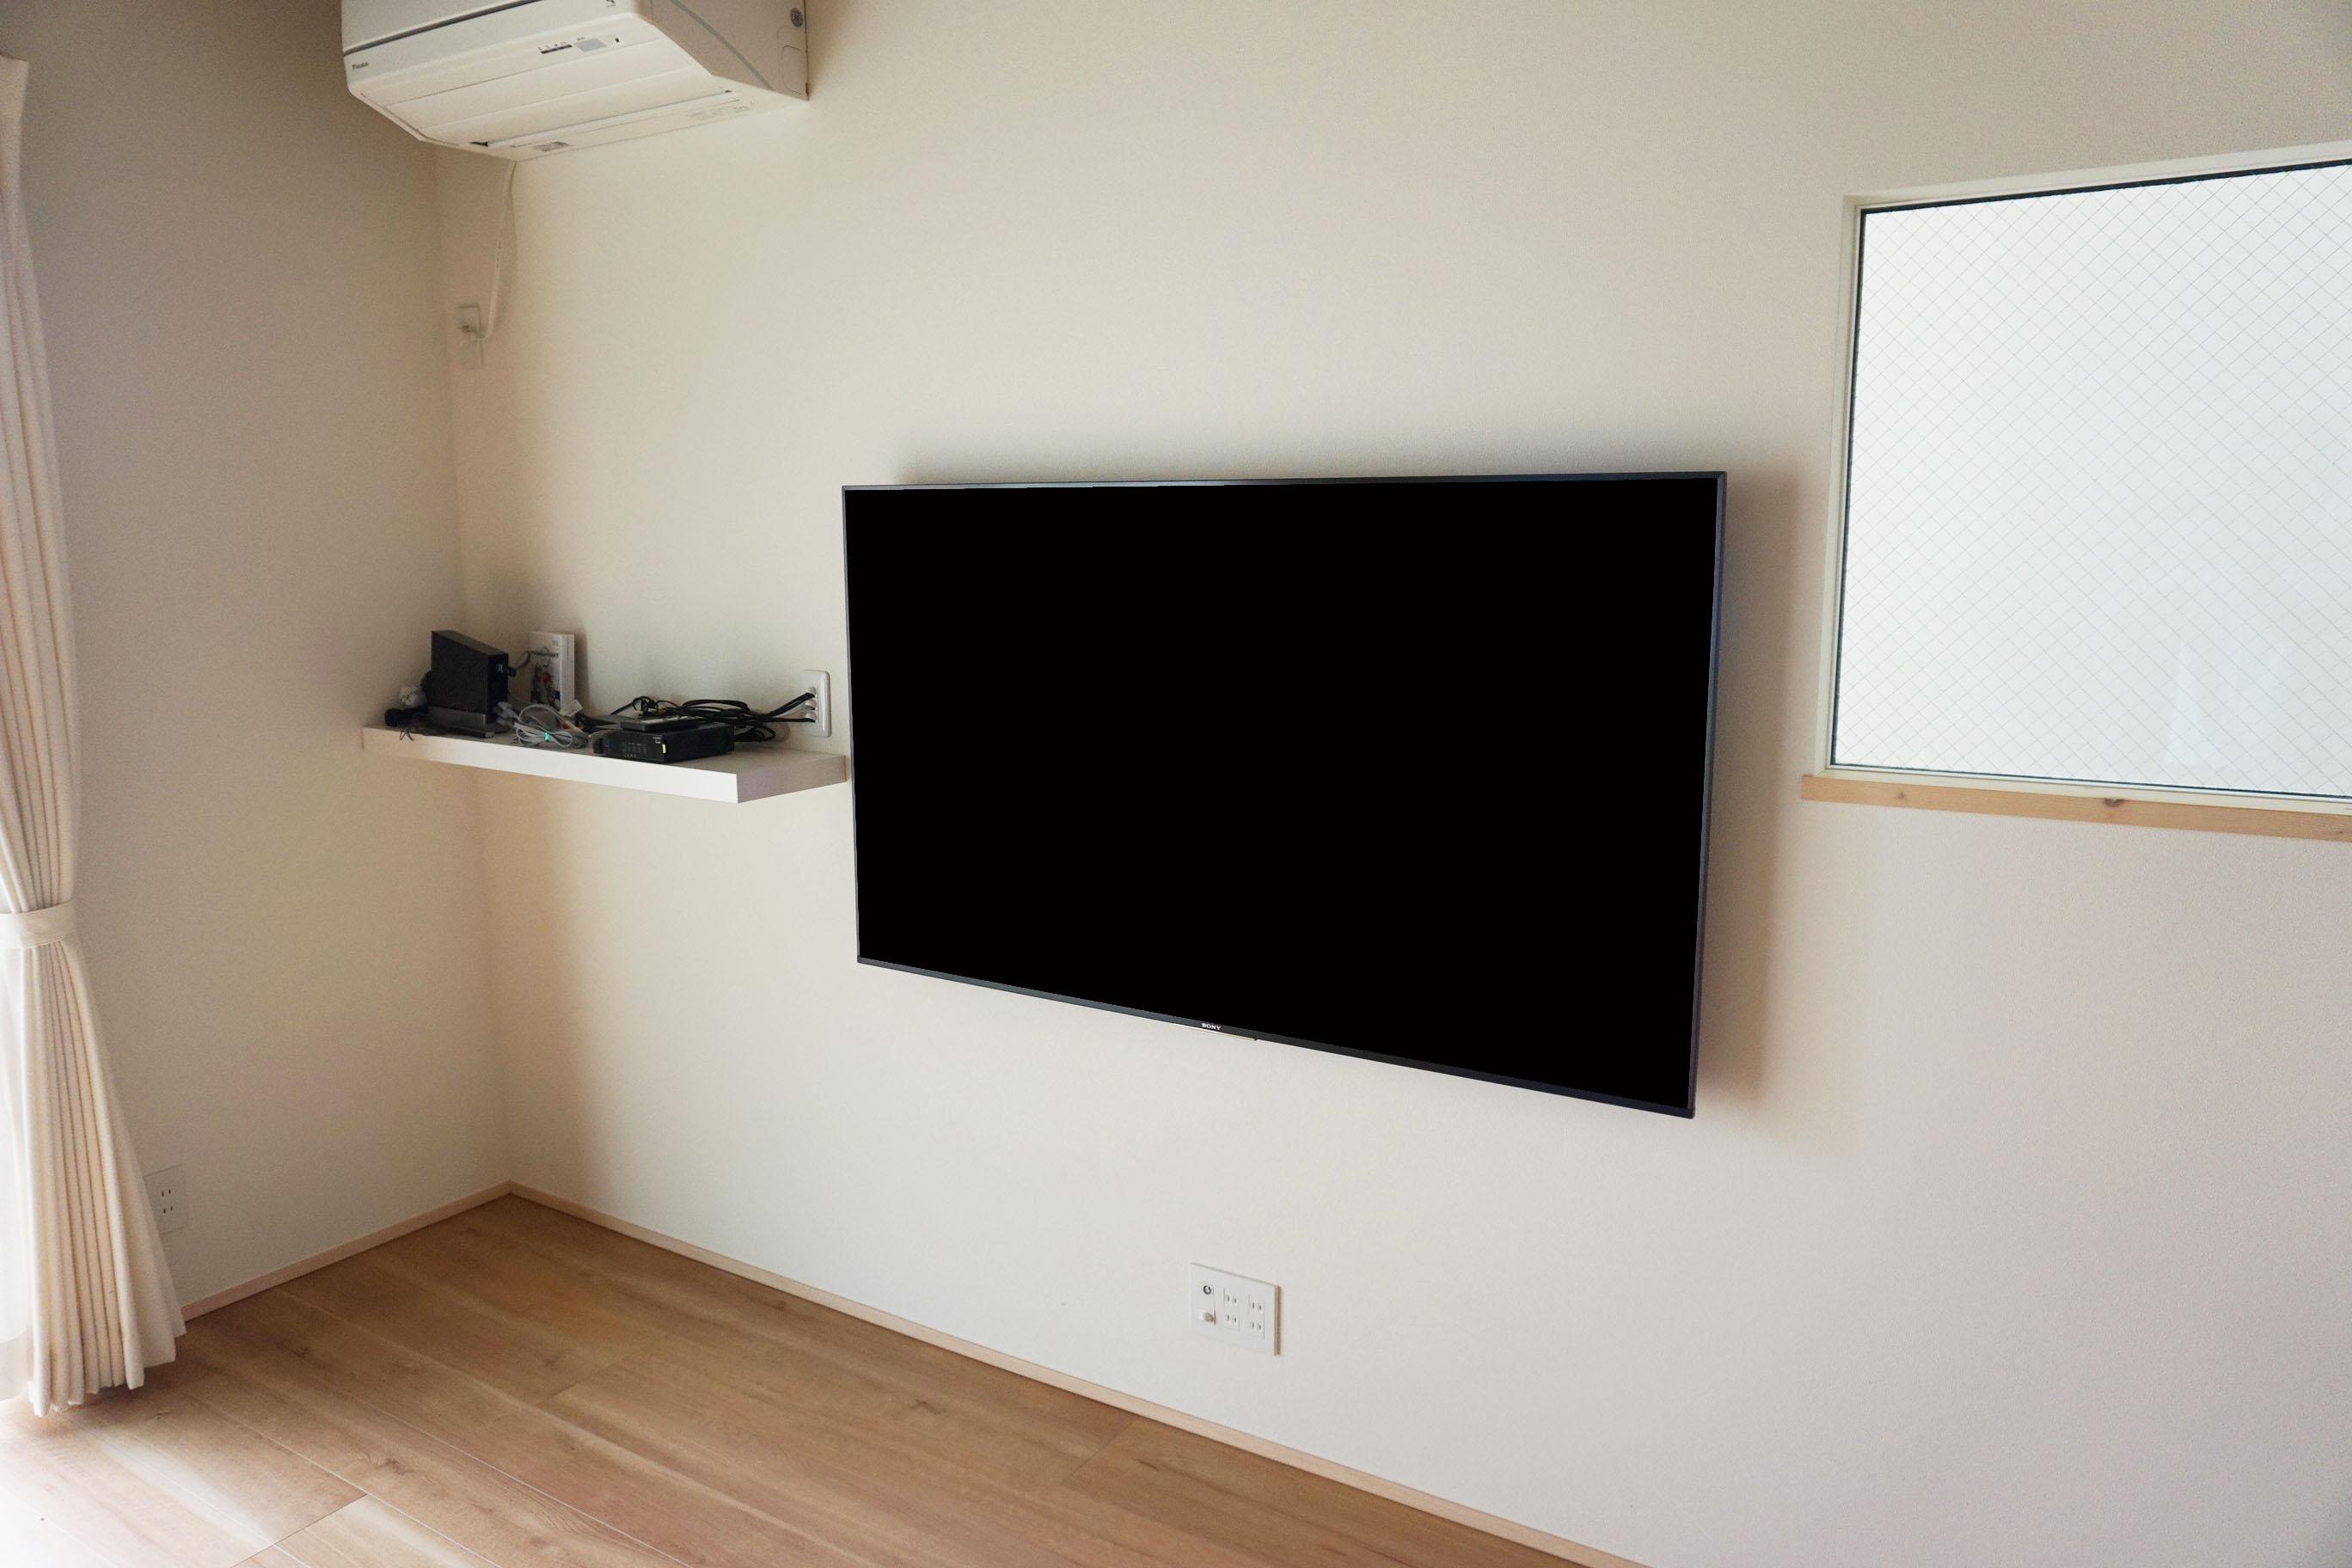 棚シェルフをテレビの横に設置した例